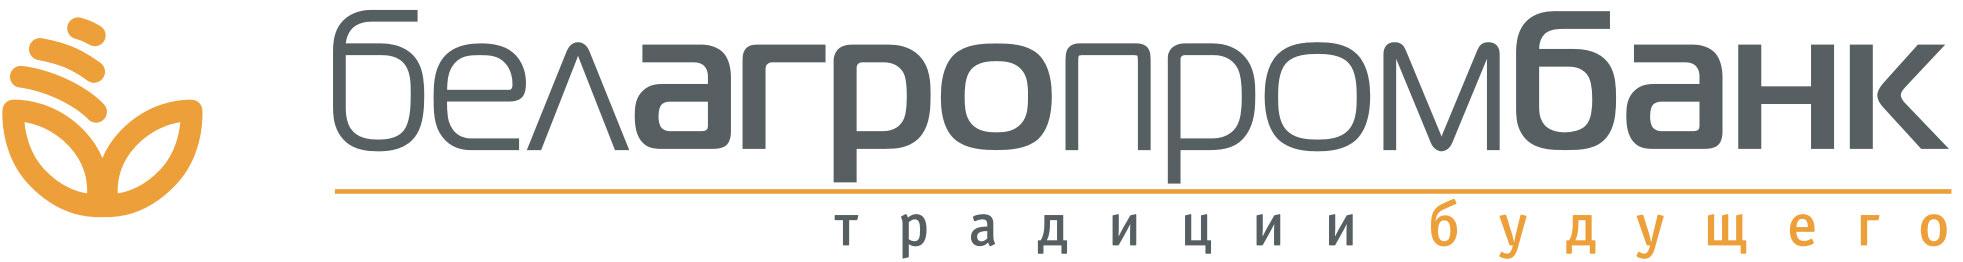 банк москвы логотип: